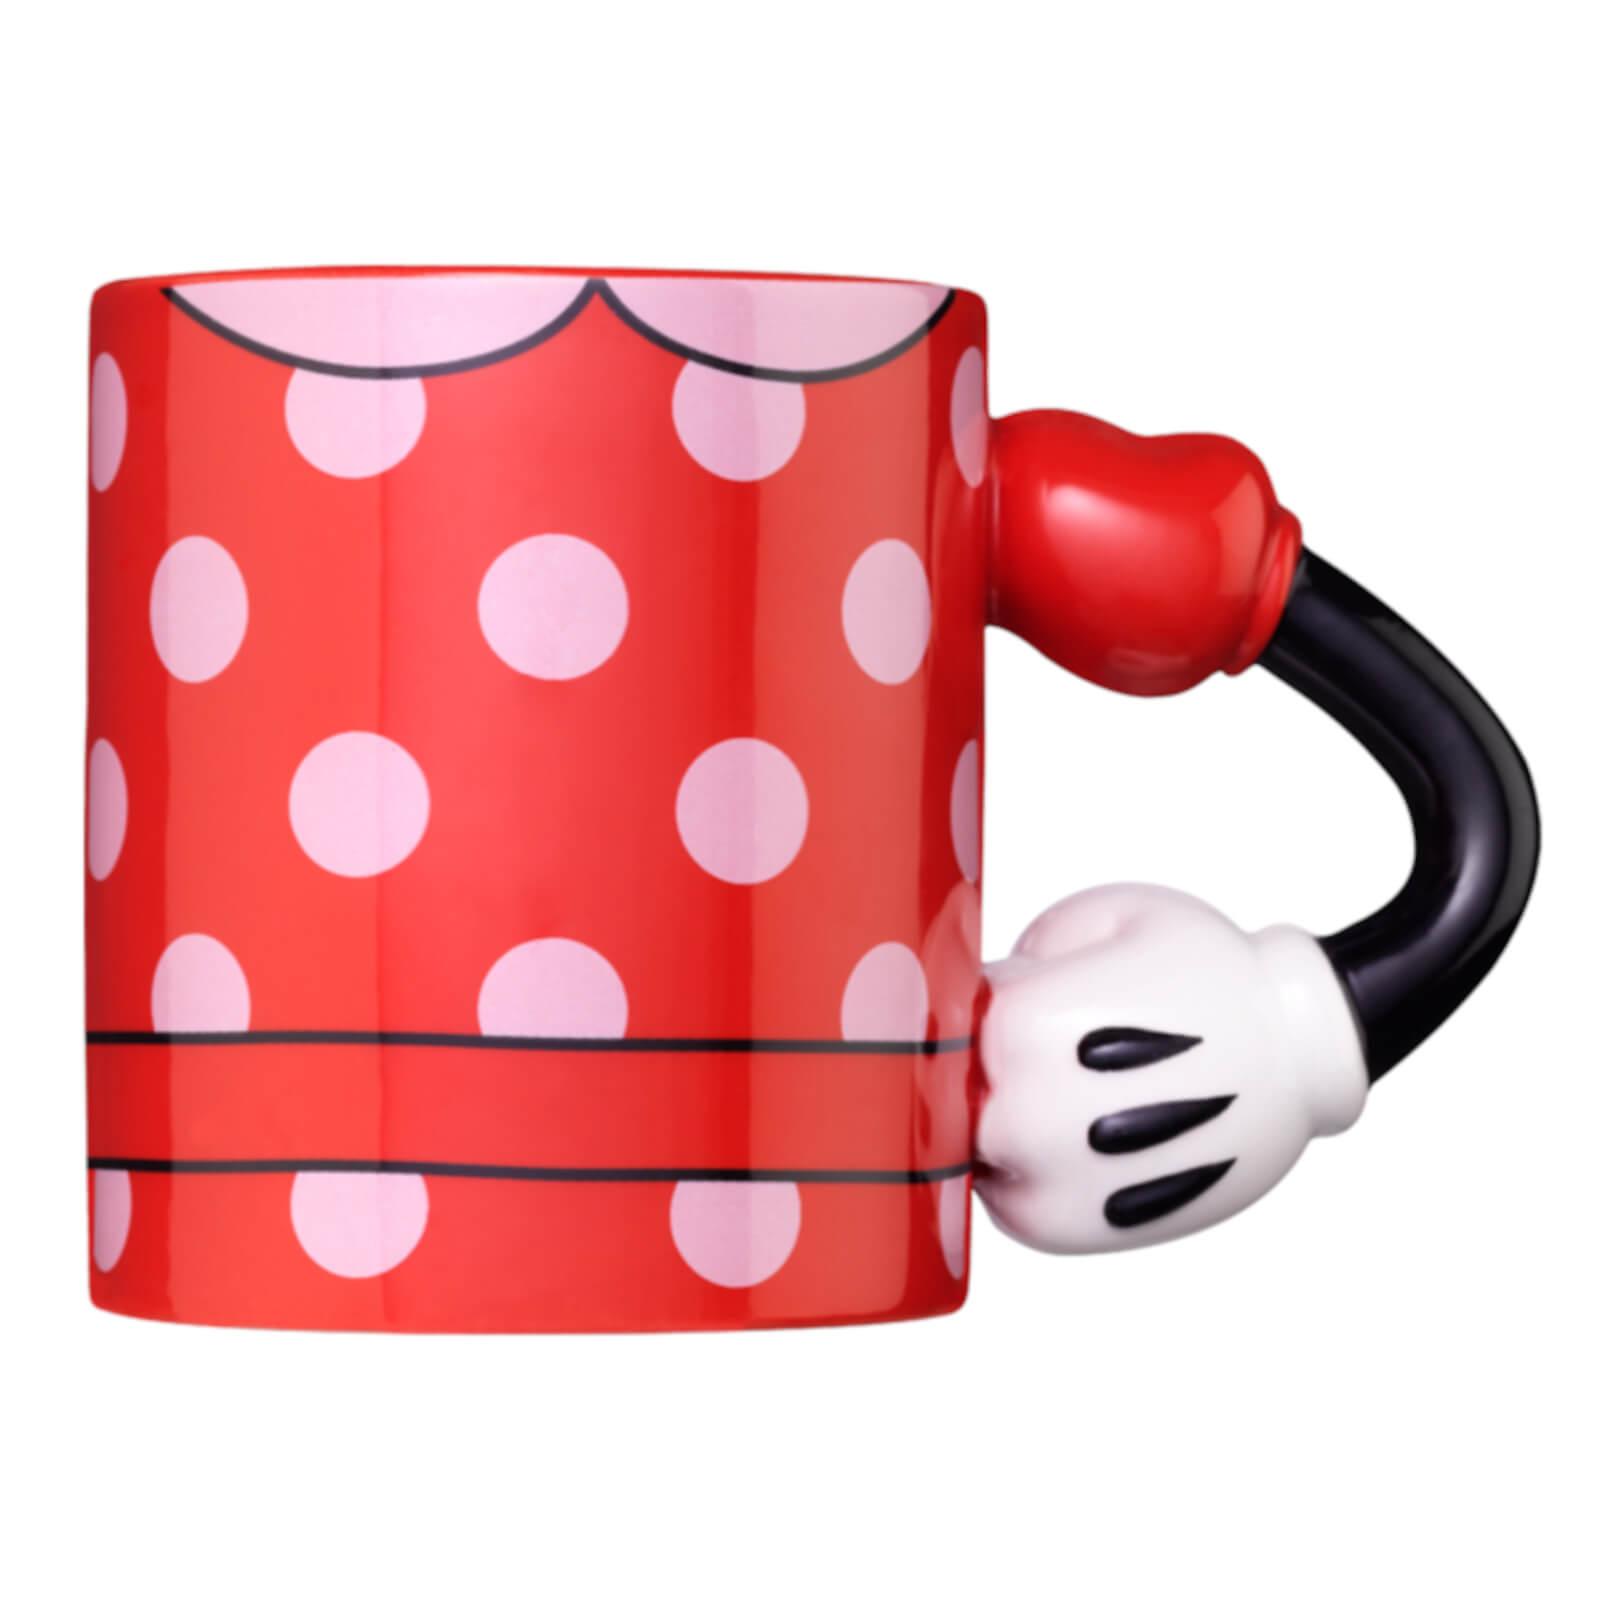 3 Disney Tassen mit 3D Arm, 350ml für zusammen 23,49€ inklusive Versand (Minnie, Donald, Pluto, Daisy)